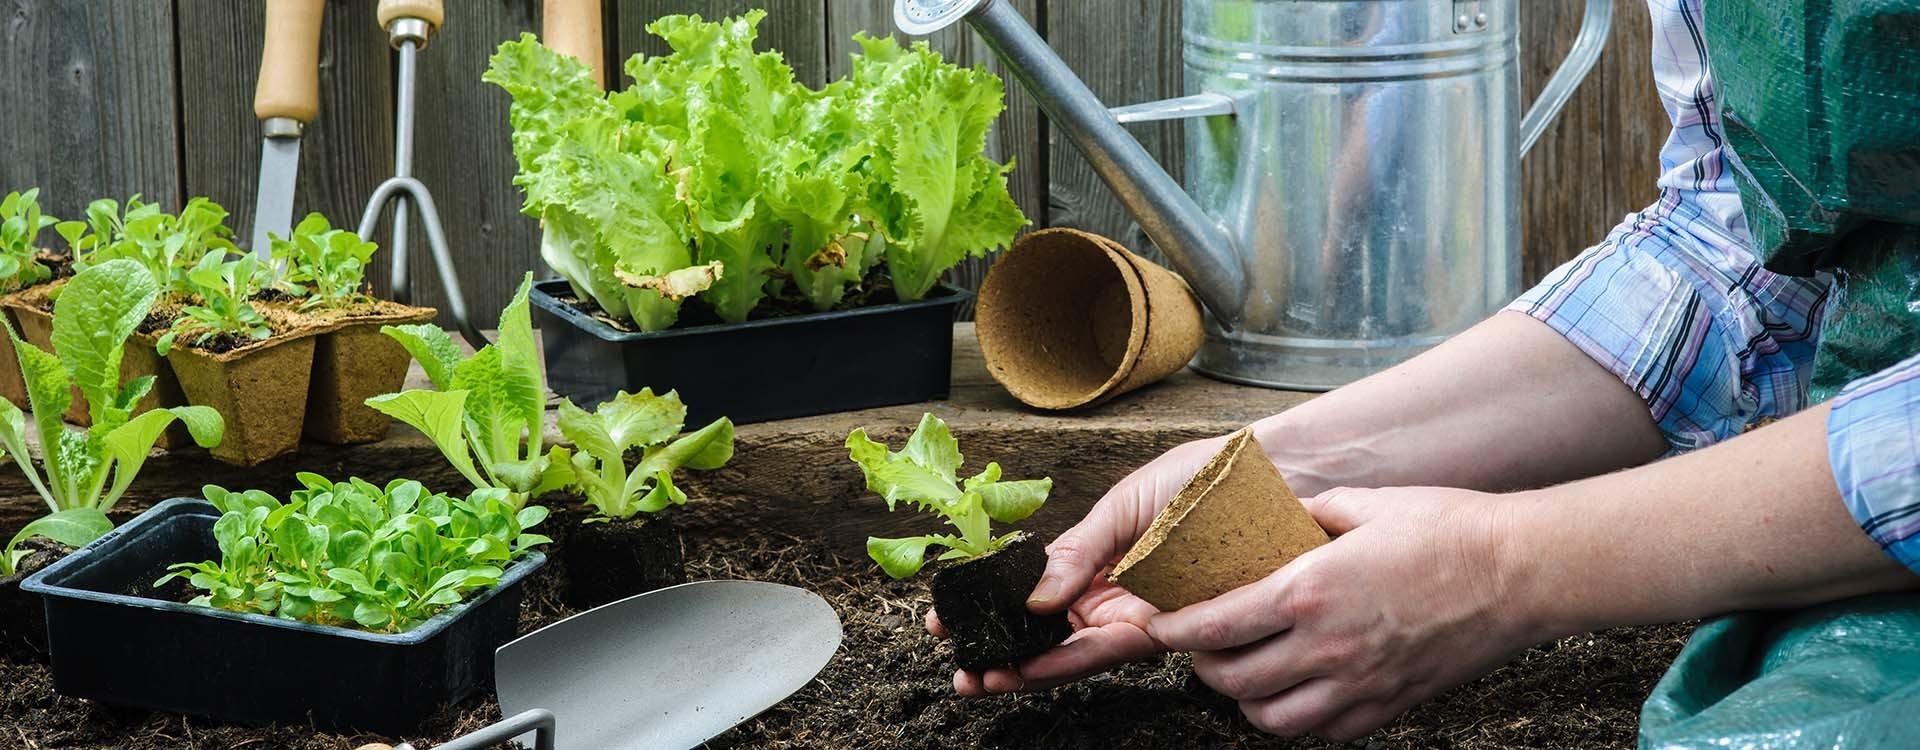 6 стъпки за отличен старт на първата ви зеленчукова градина